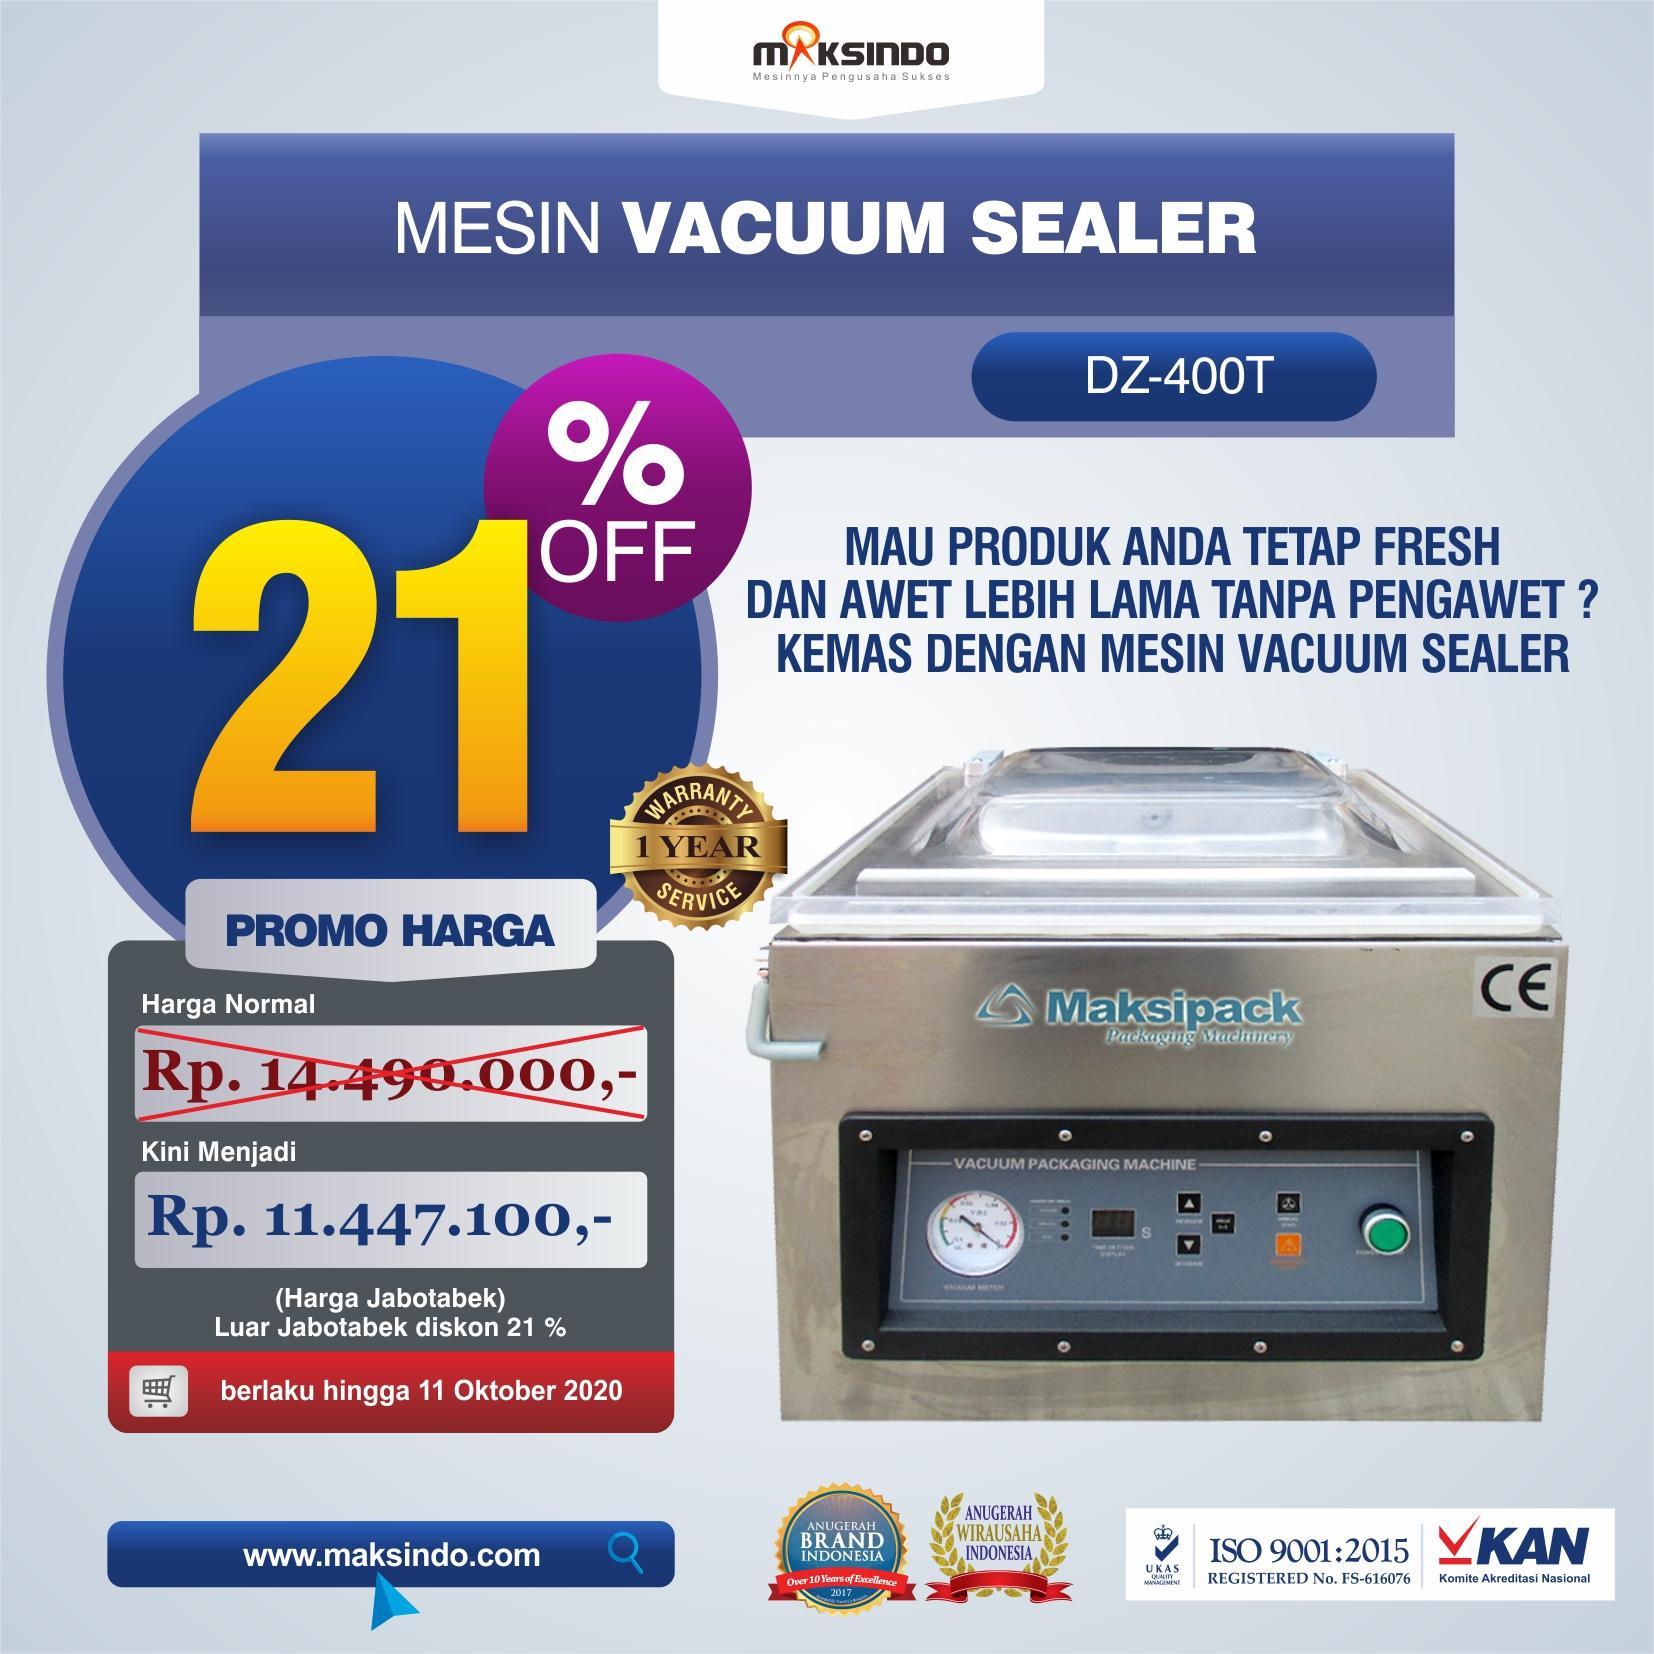 Jual Mesin Vacuum Sealer DZ400T di Jakarta